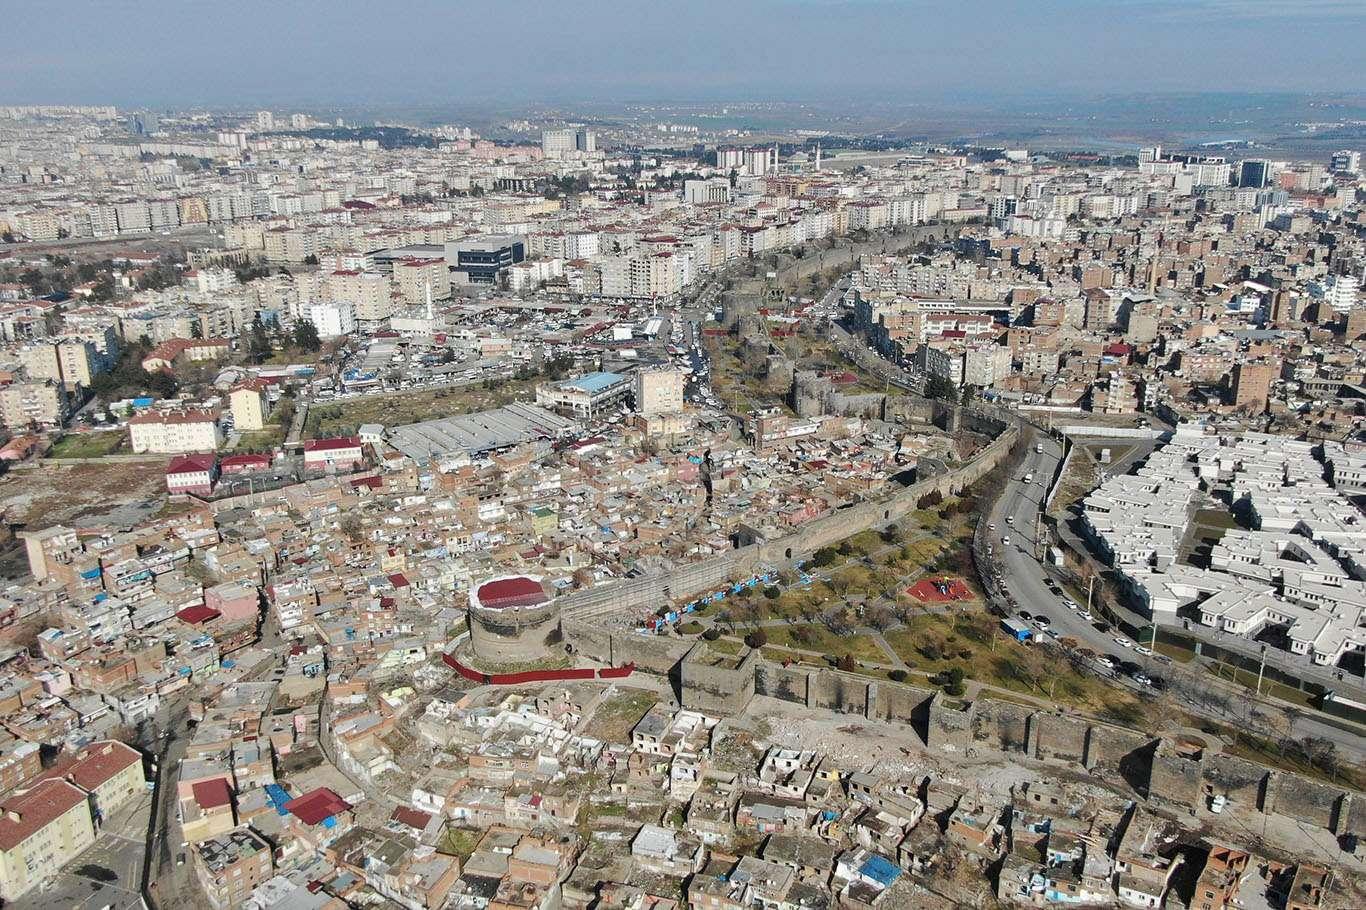 Diyarbakır Nüfusu Kaç? Diyarbakır'da Kaç Kişi Yaşıyor?